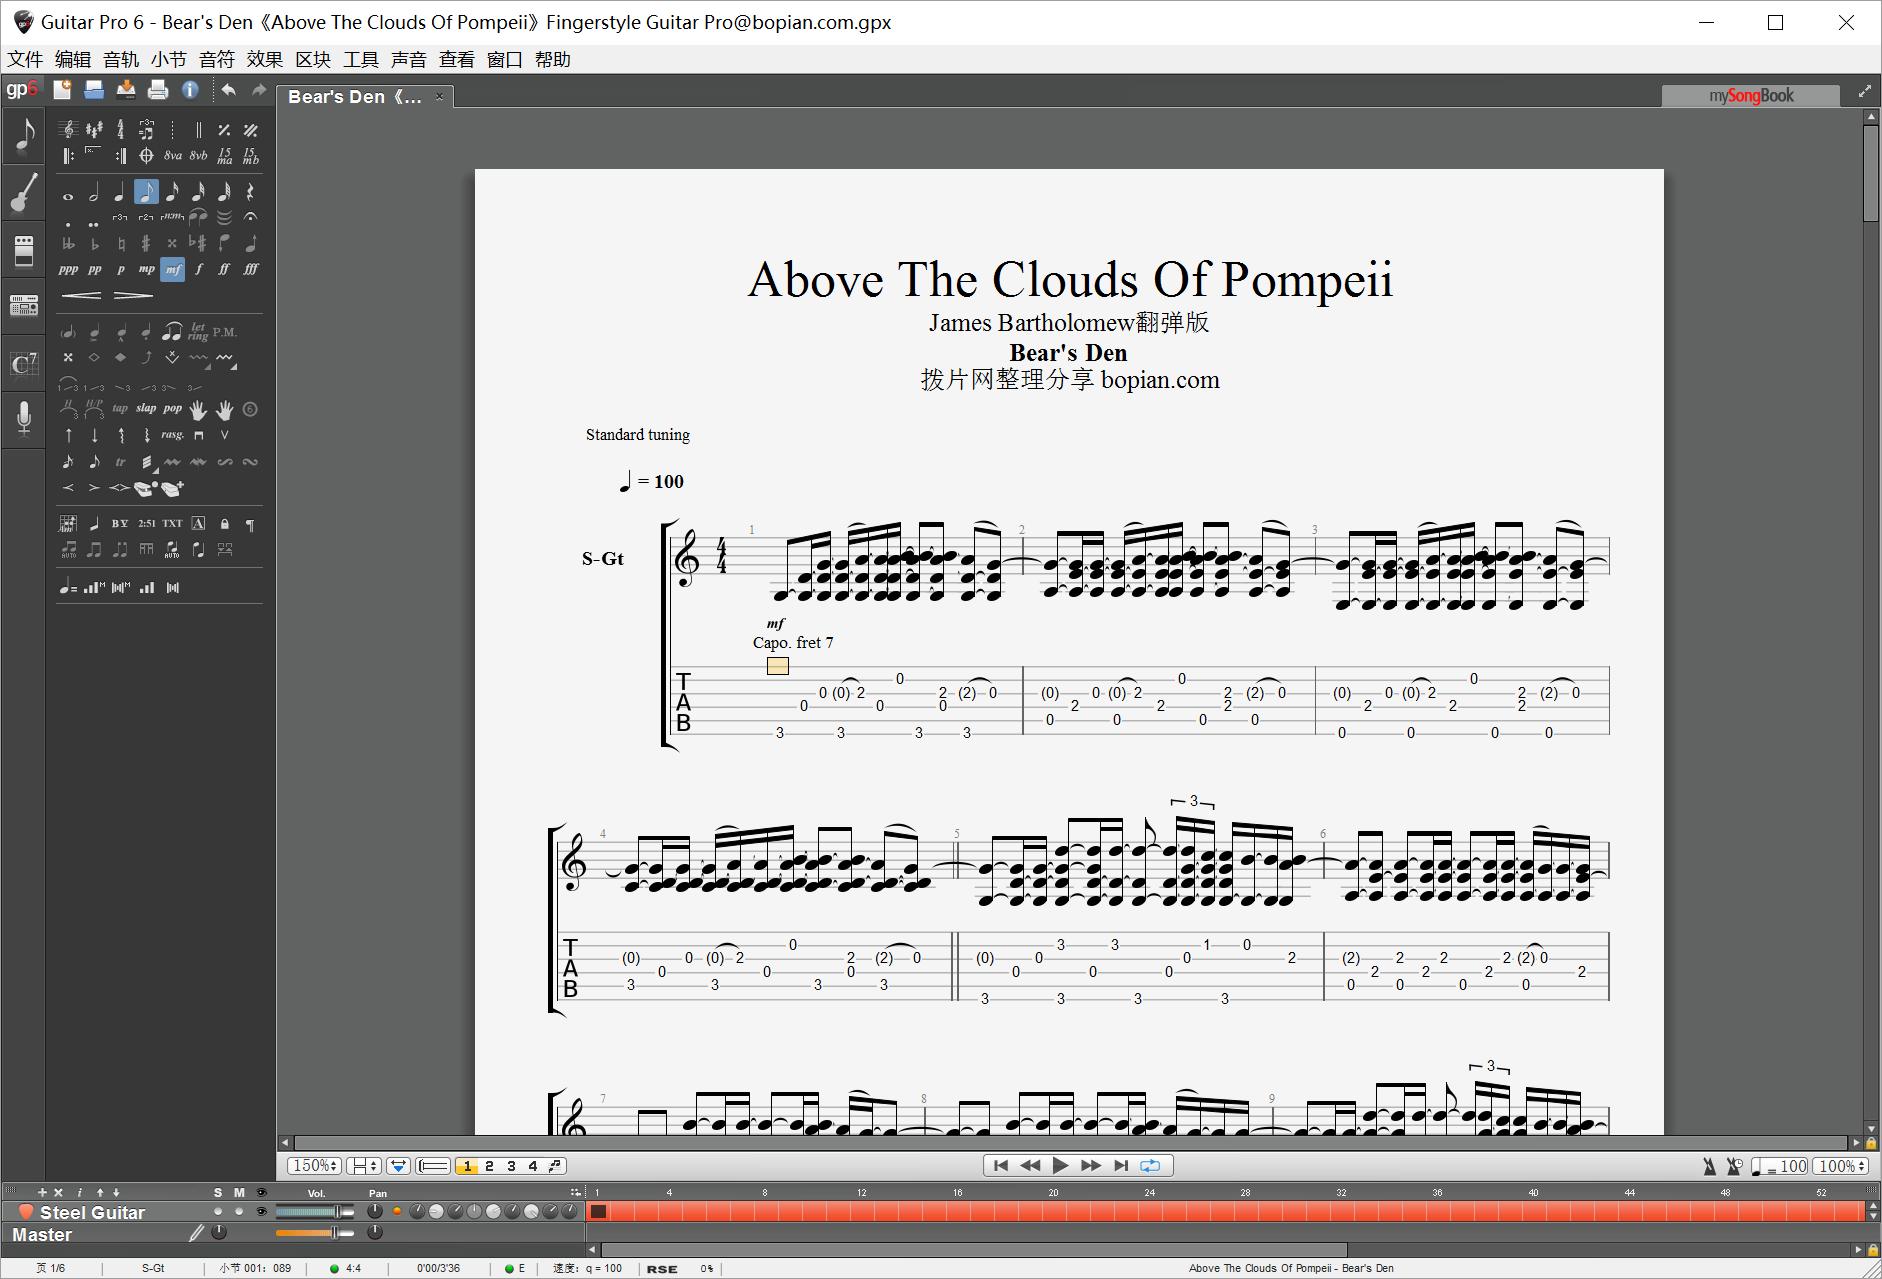 拨片网_Bears_Den《Above_The_Clouds_Of_Pompeii》Fingerstyle_Guitar_Pro@bopian.com_.png